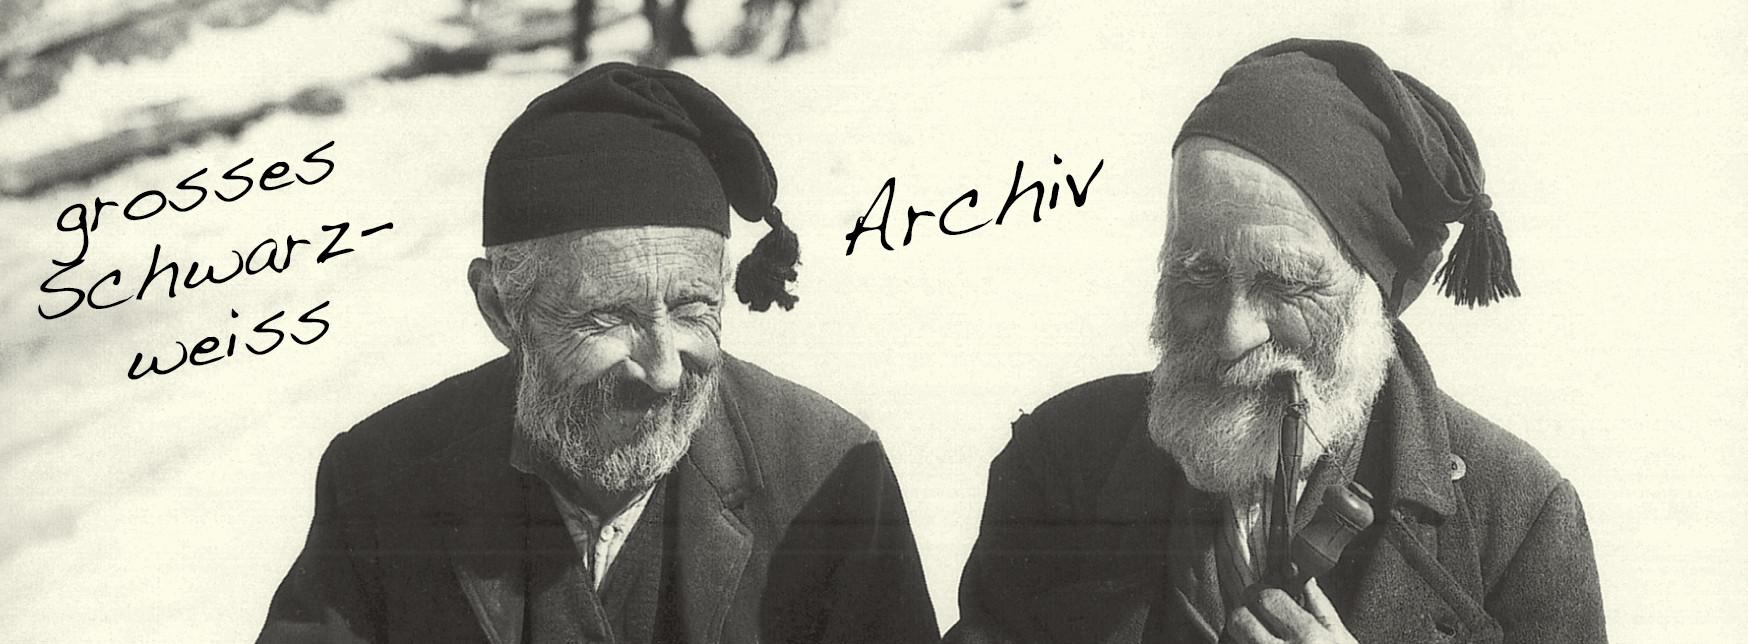 Archiv_29A349_mit Text.jpg